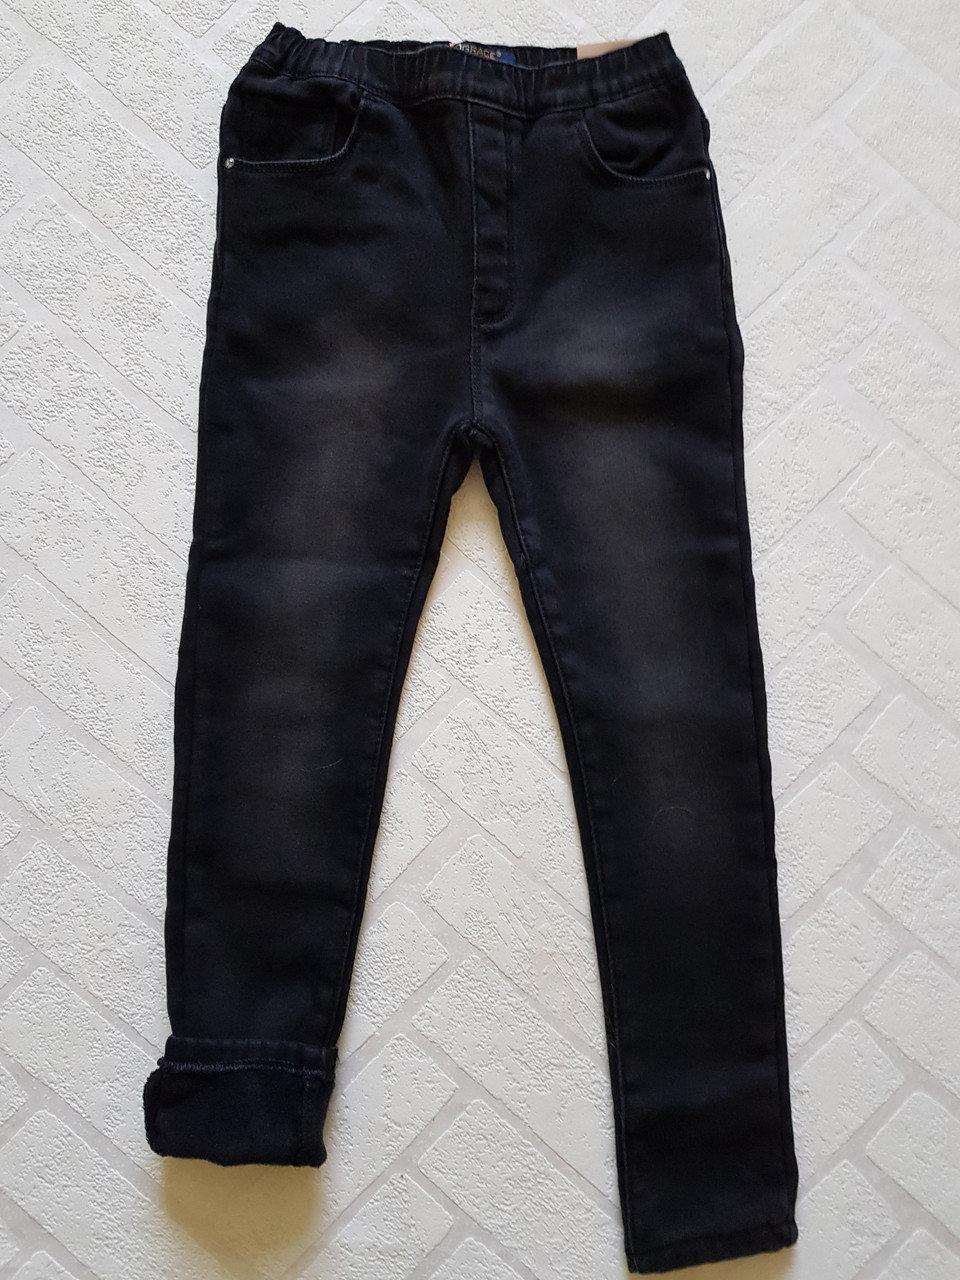 Чёрные Джинсы утеплённые на флисе для девочек ,размеры 134-164 см.Фирма GRACE .Венгрия